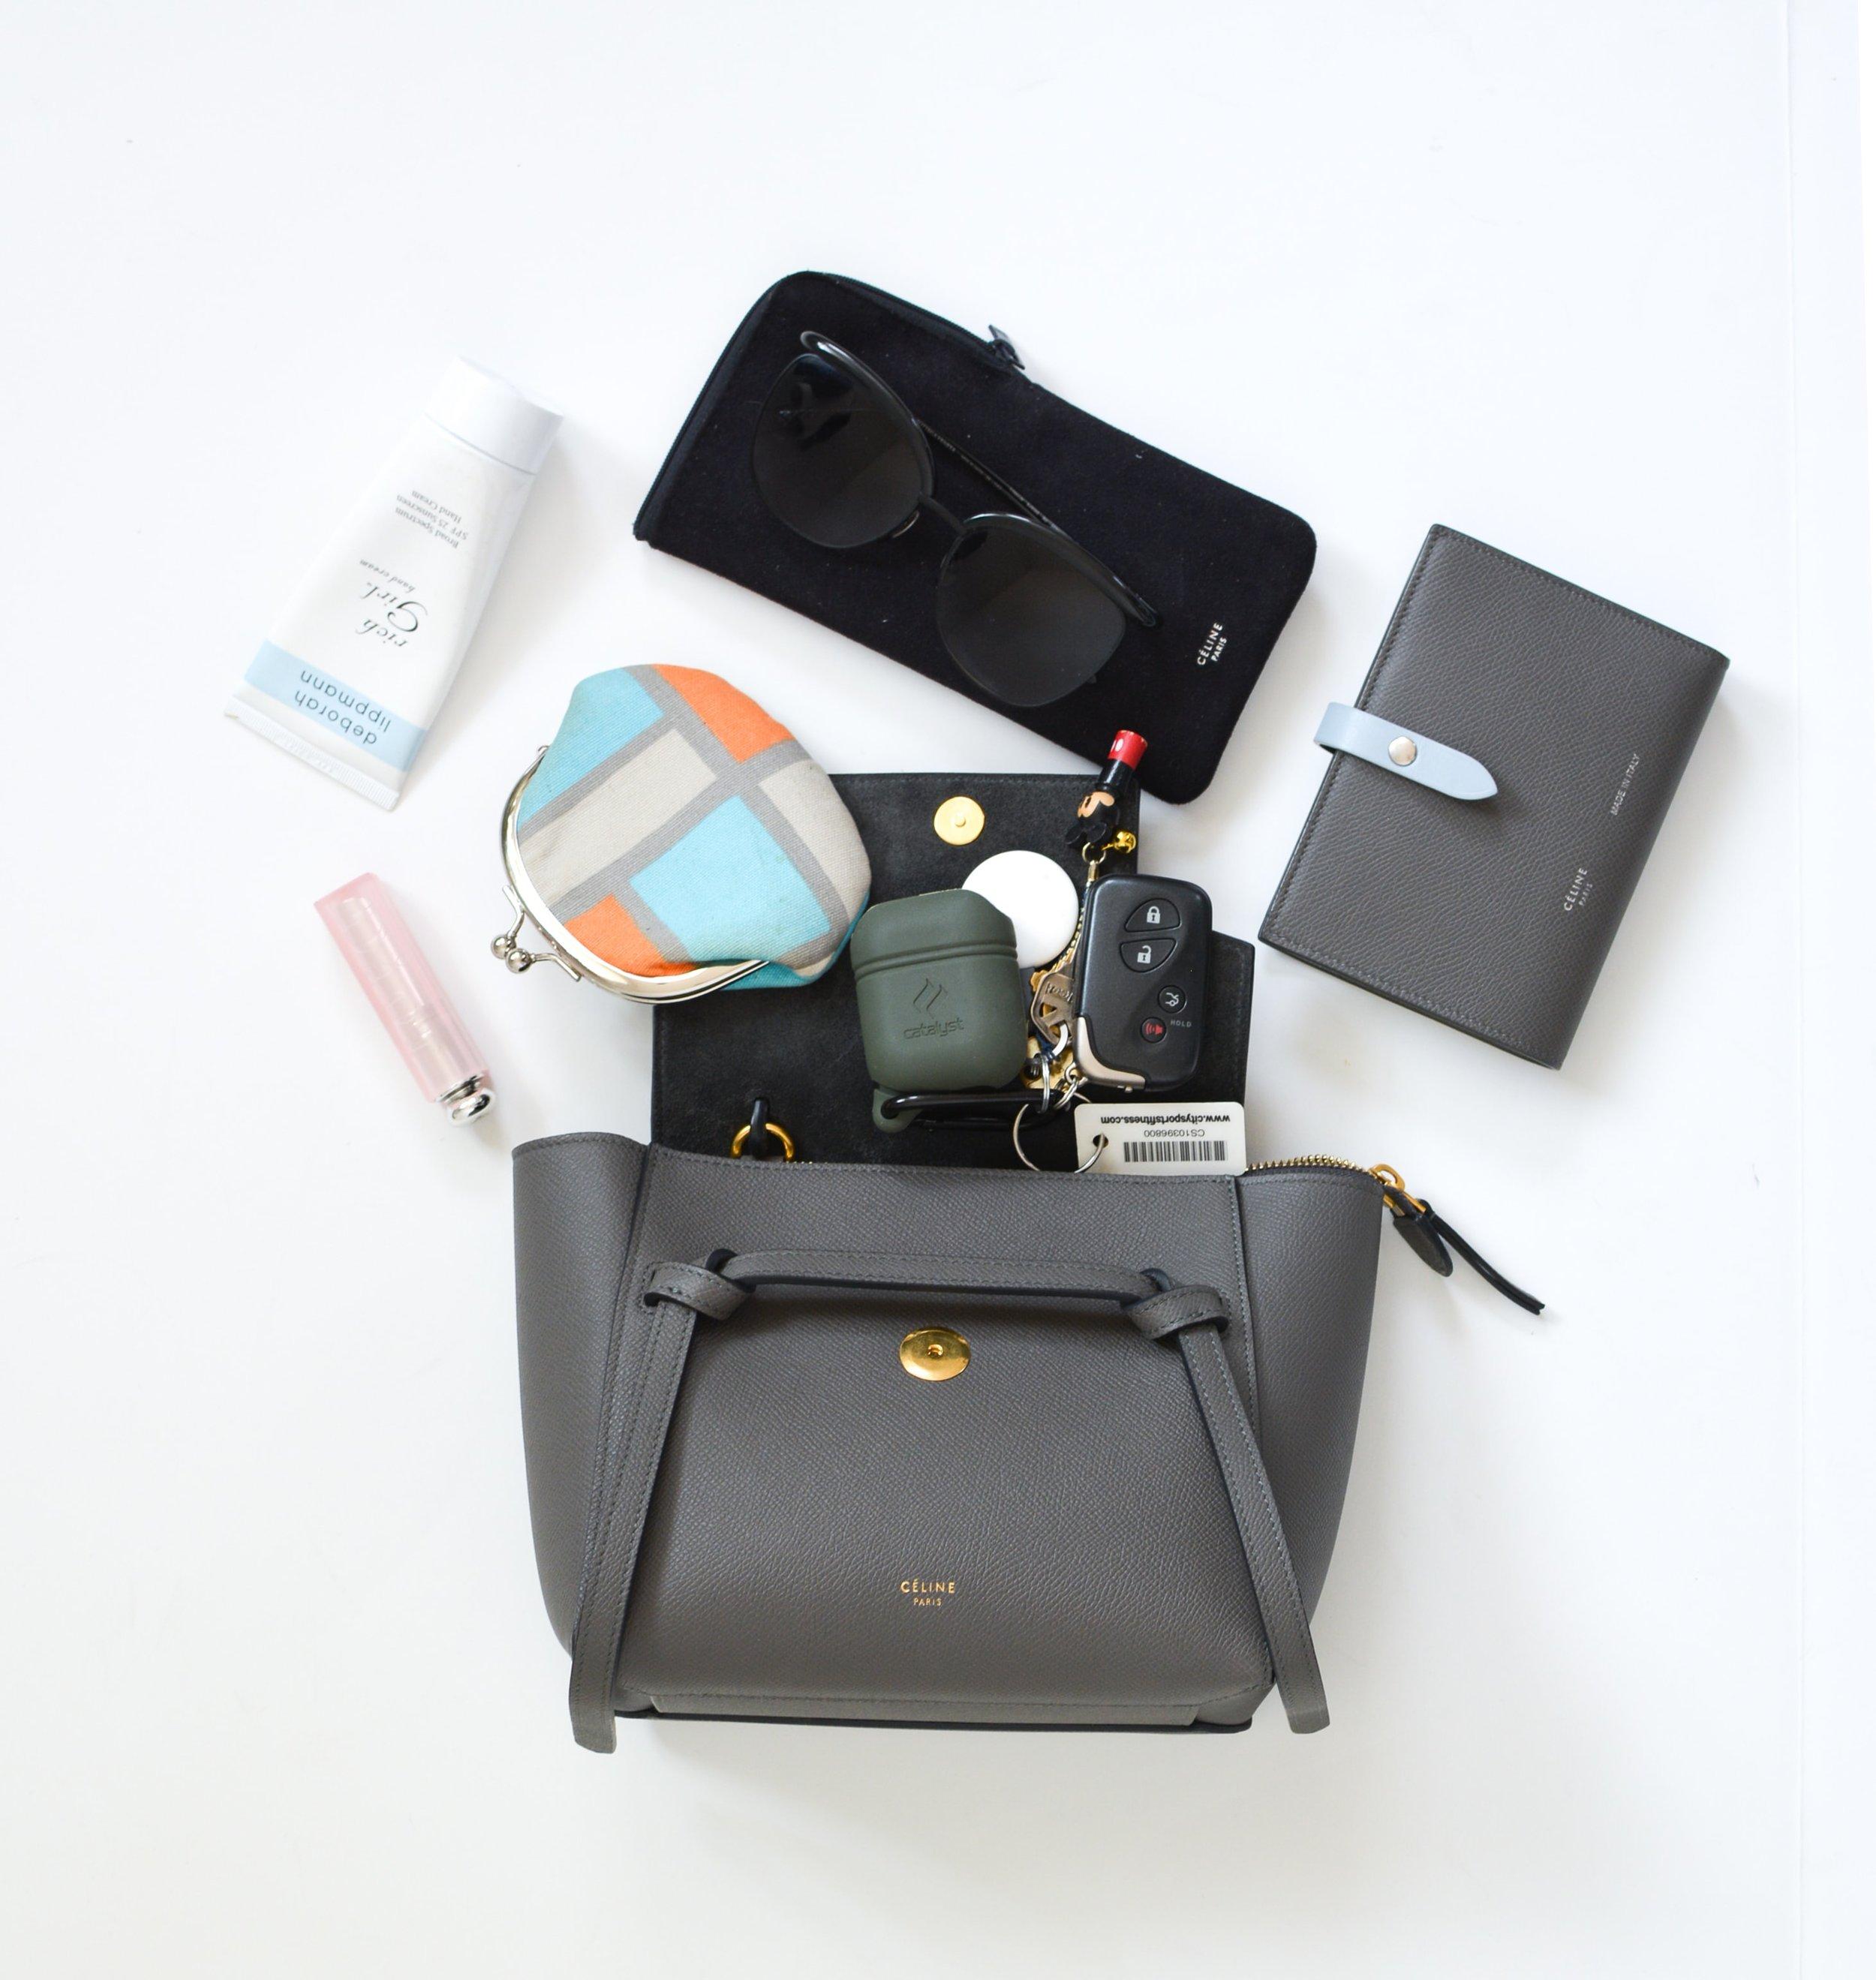 Celine Nano Belt Bag Review (2 of 2)-2-min.jpg